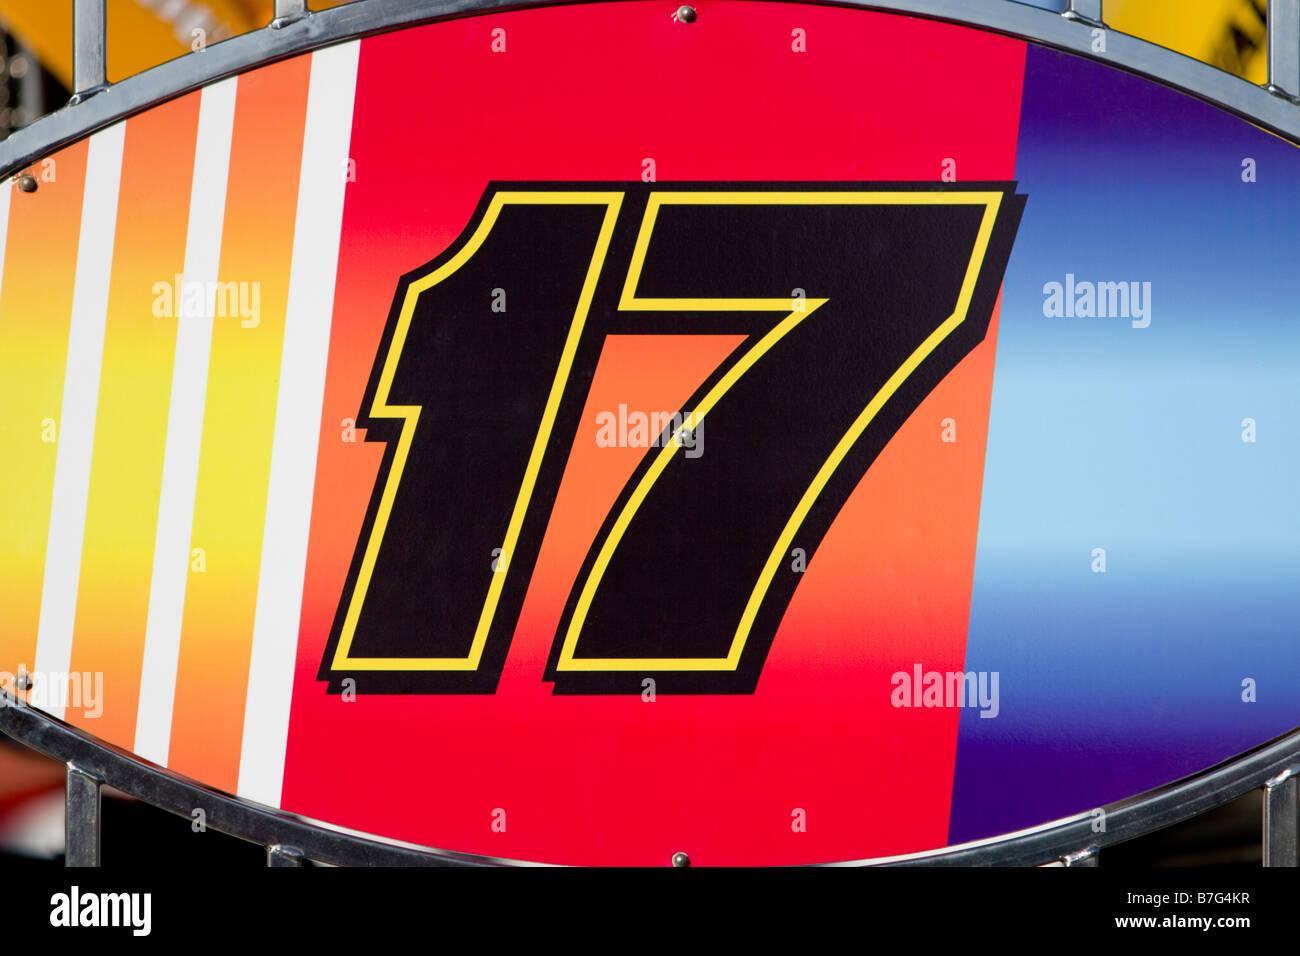 Numéro 17 en course ellipse Photo Stock